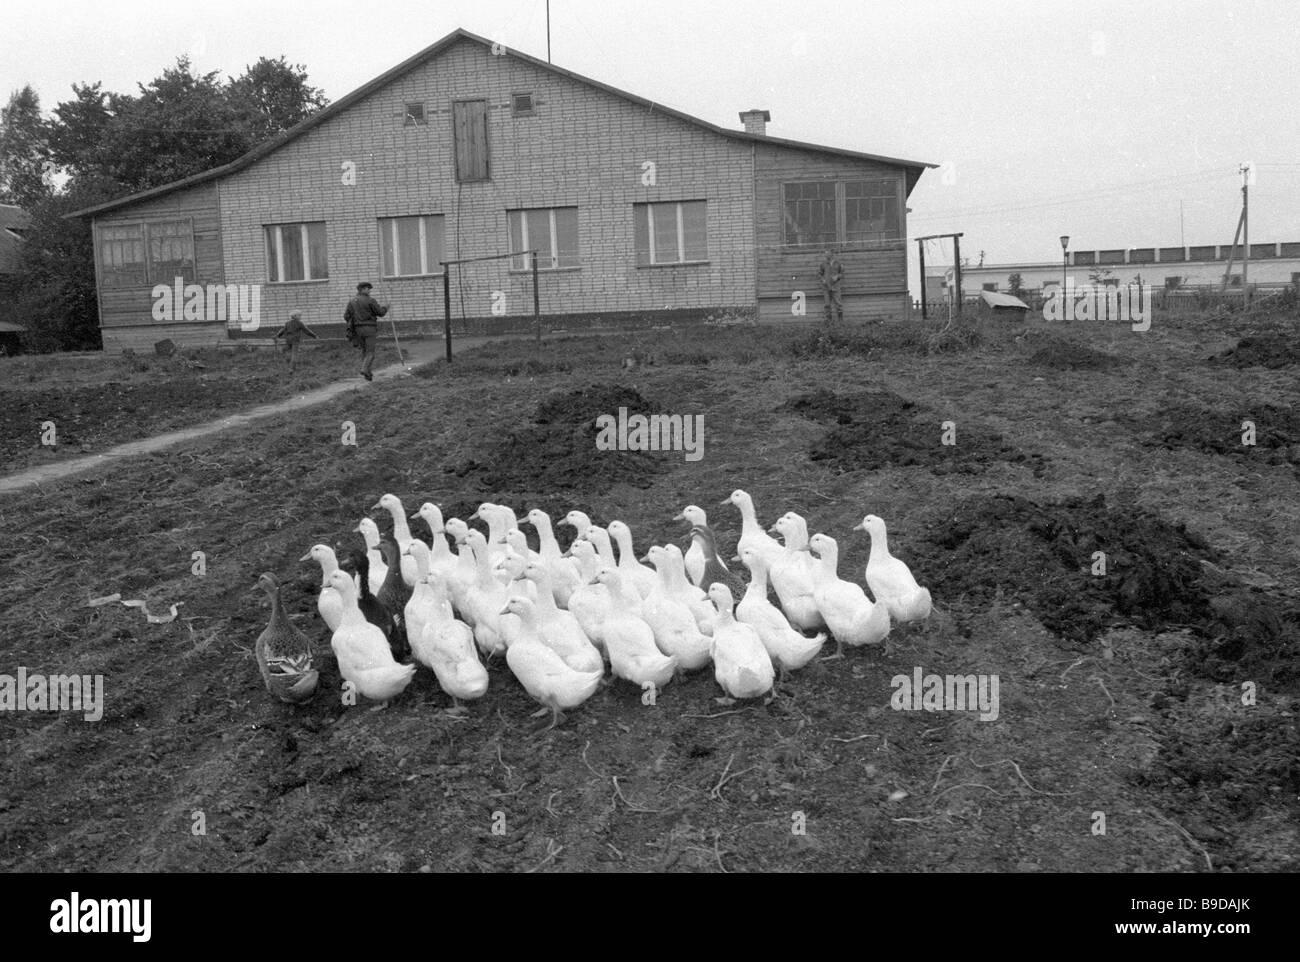 Ein privater Landwirt s Gehöft in der Nähe von Moskau Stockbild